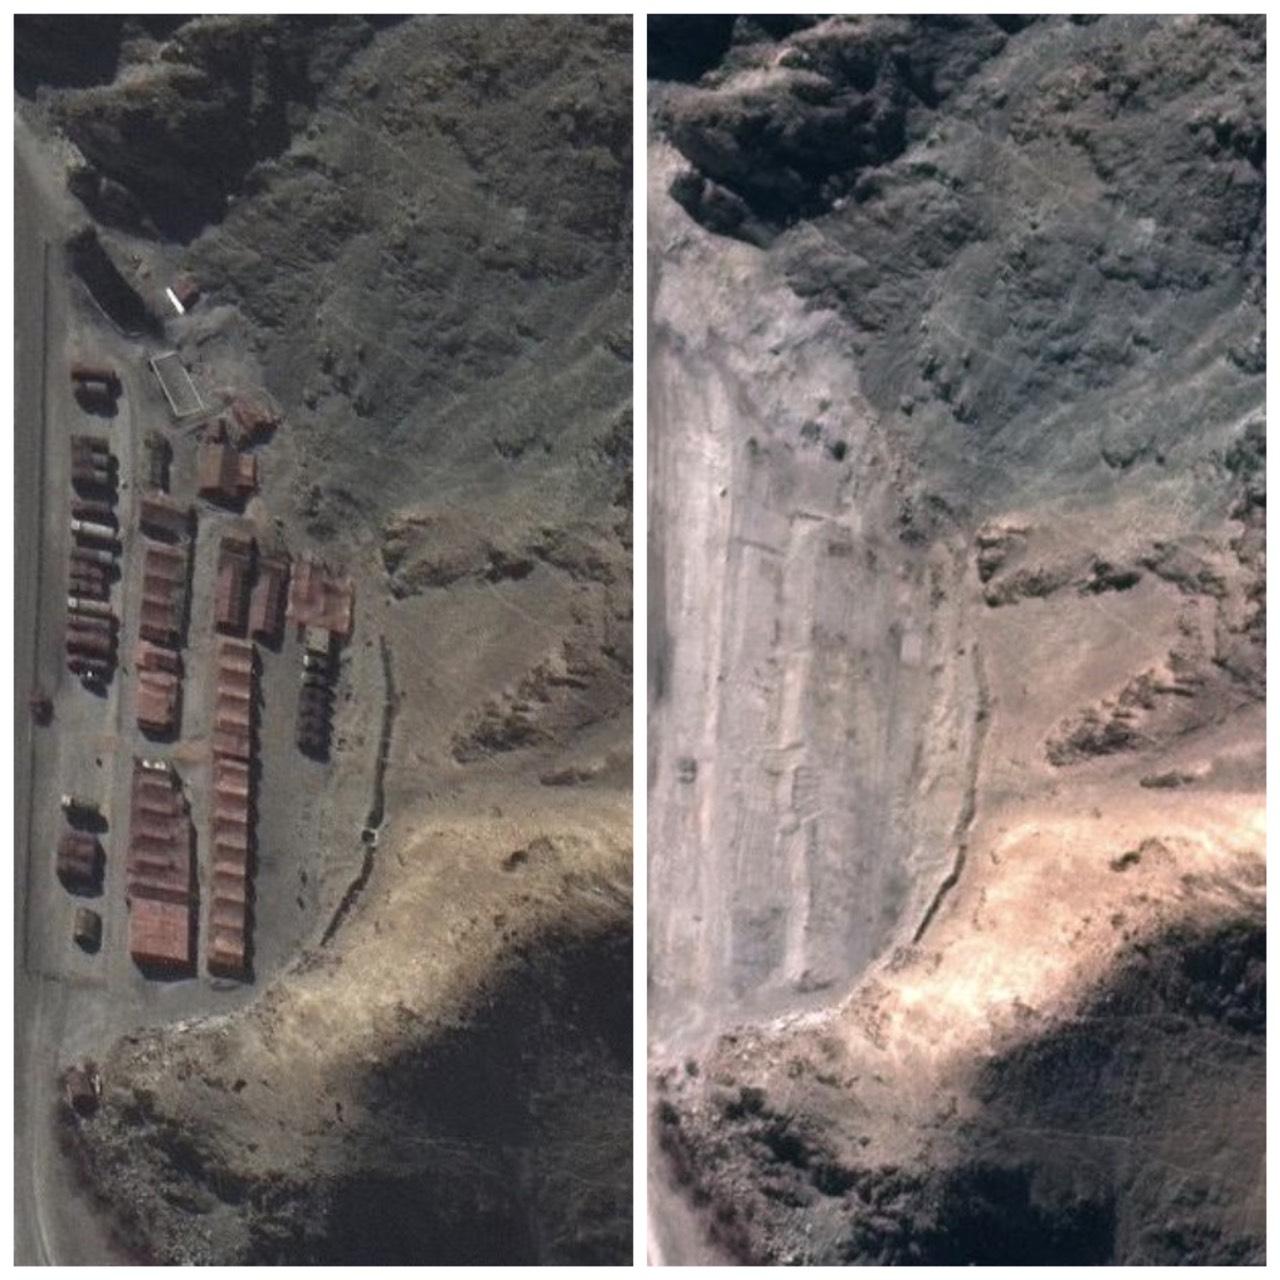 邊境衝突中國認輸了? 衛星照顯示中國自班公湖撤兵